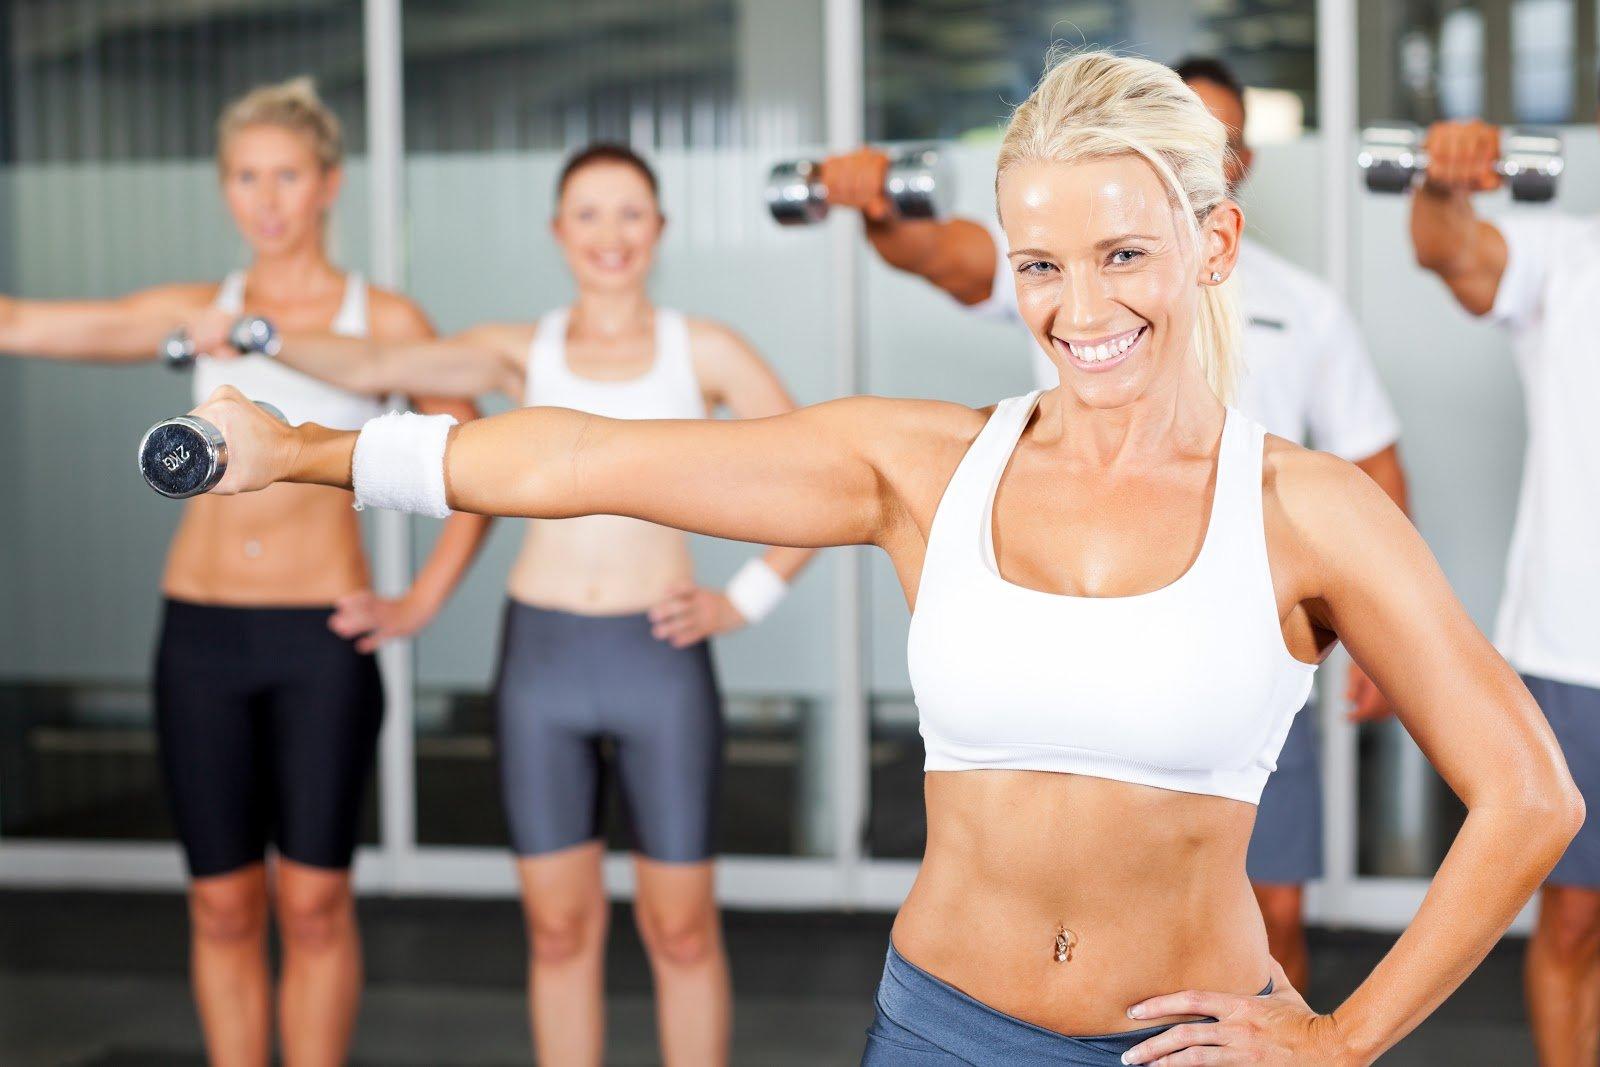 Luyện tập thể thao và ăn uống lành mạnh sẽ giúp tăng khả năng hấp thu bộ đôi thần thánh Detox X3 chính hãng và Slimming X3 Đông Y Mộc Linh sẽ